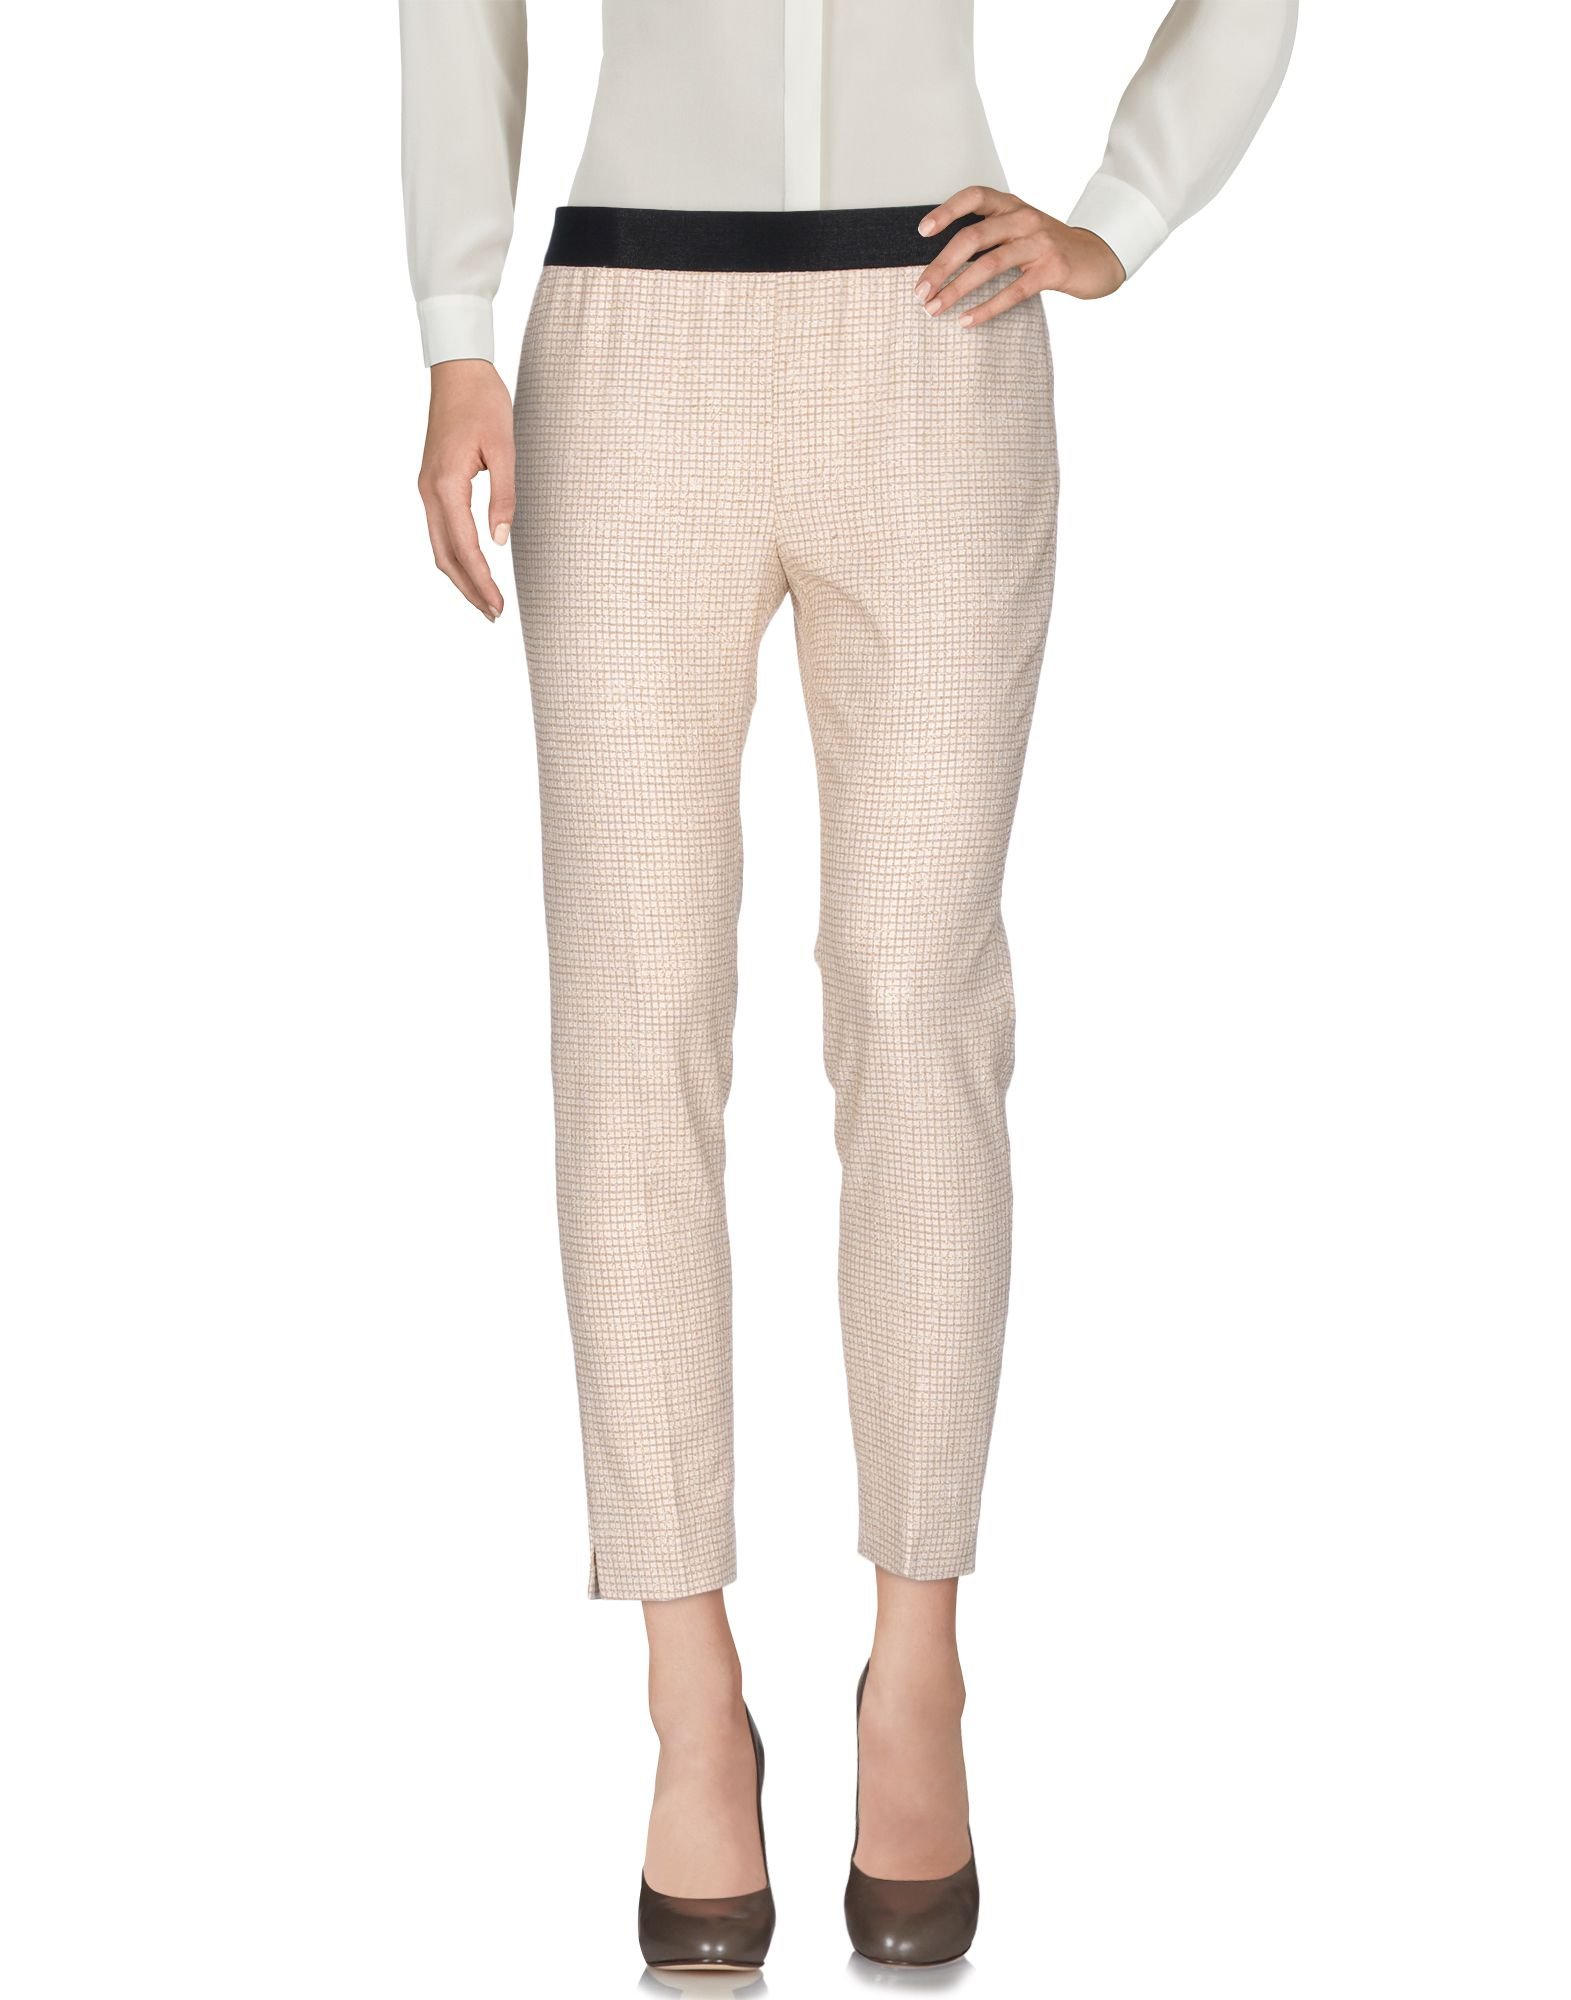 INCOTEX Damen Hose Farbe Beige Größe 4 - broschei